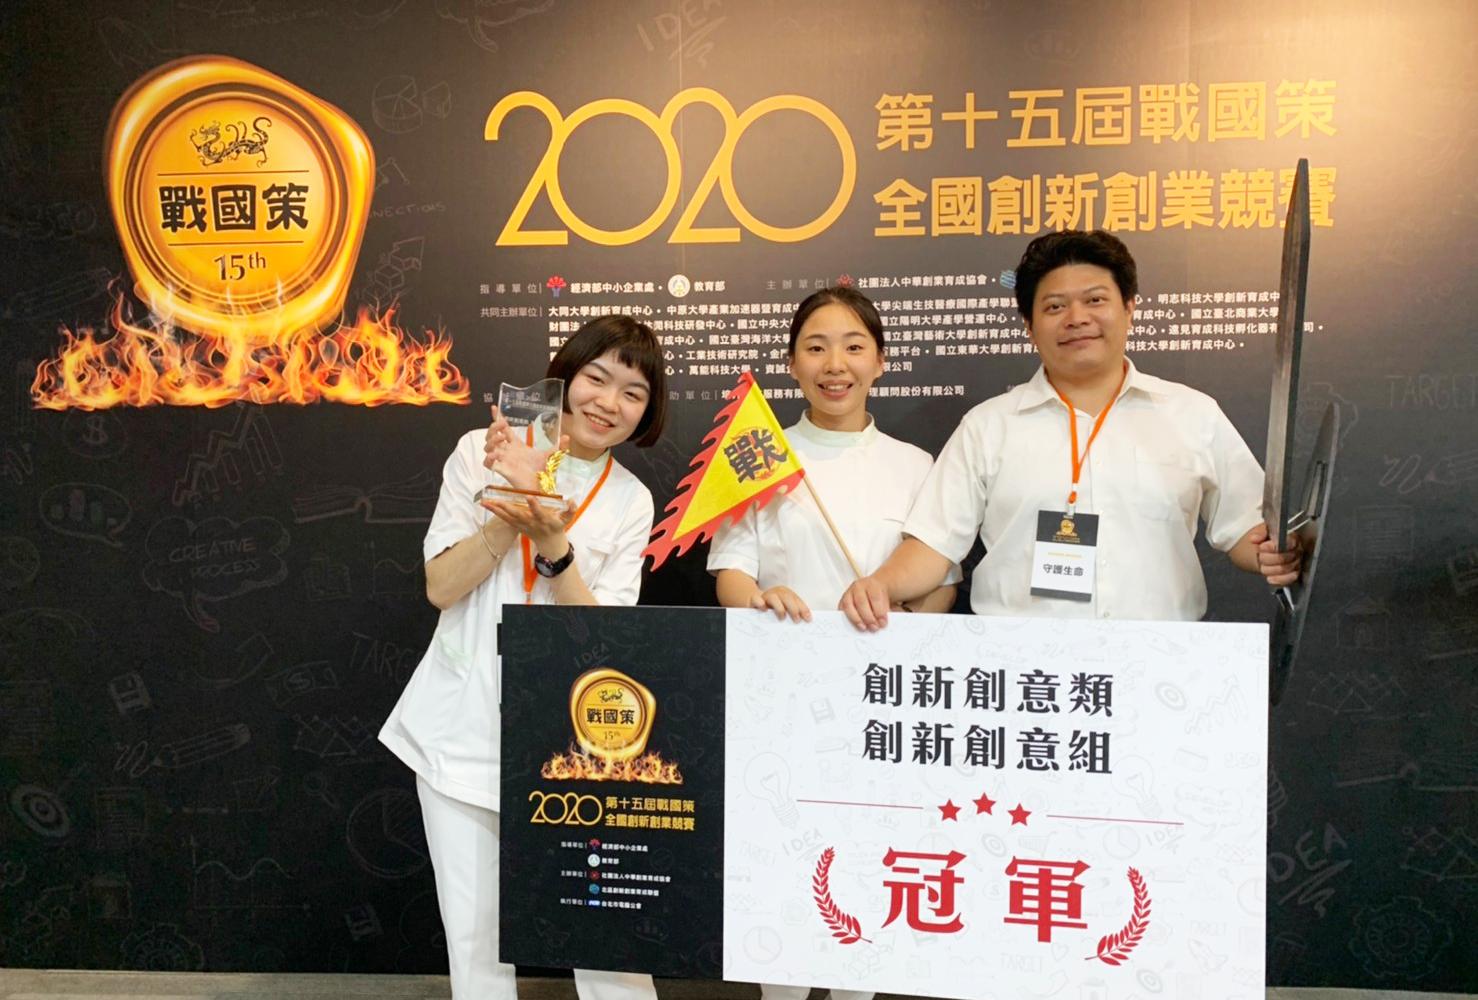 「輸液套管」獲得2020第十五屆戰國策全國創新創業競賽創新創意組冠軍。